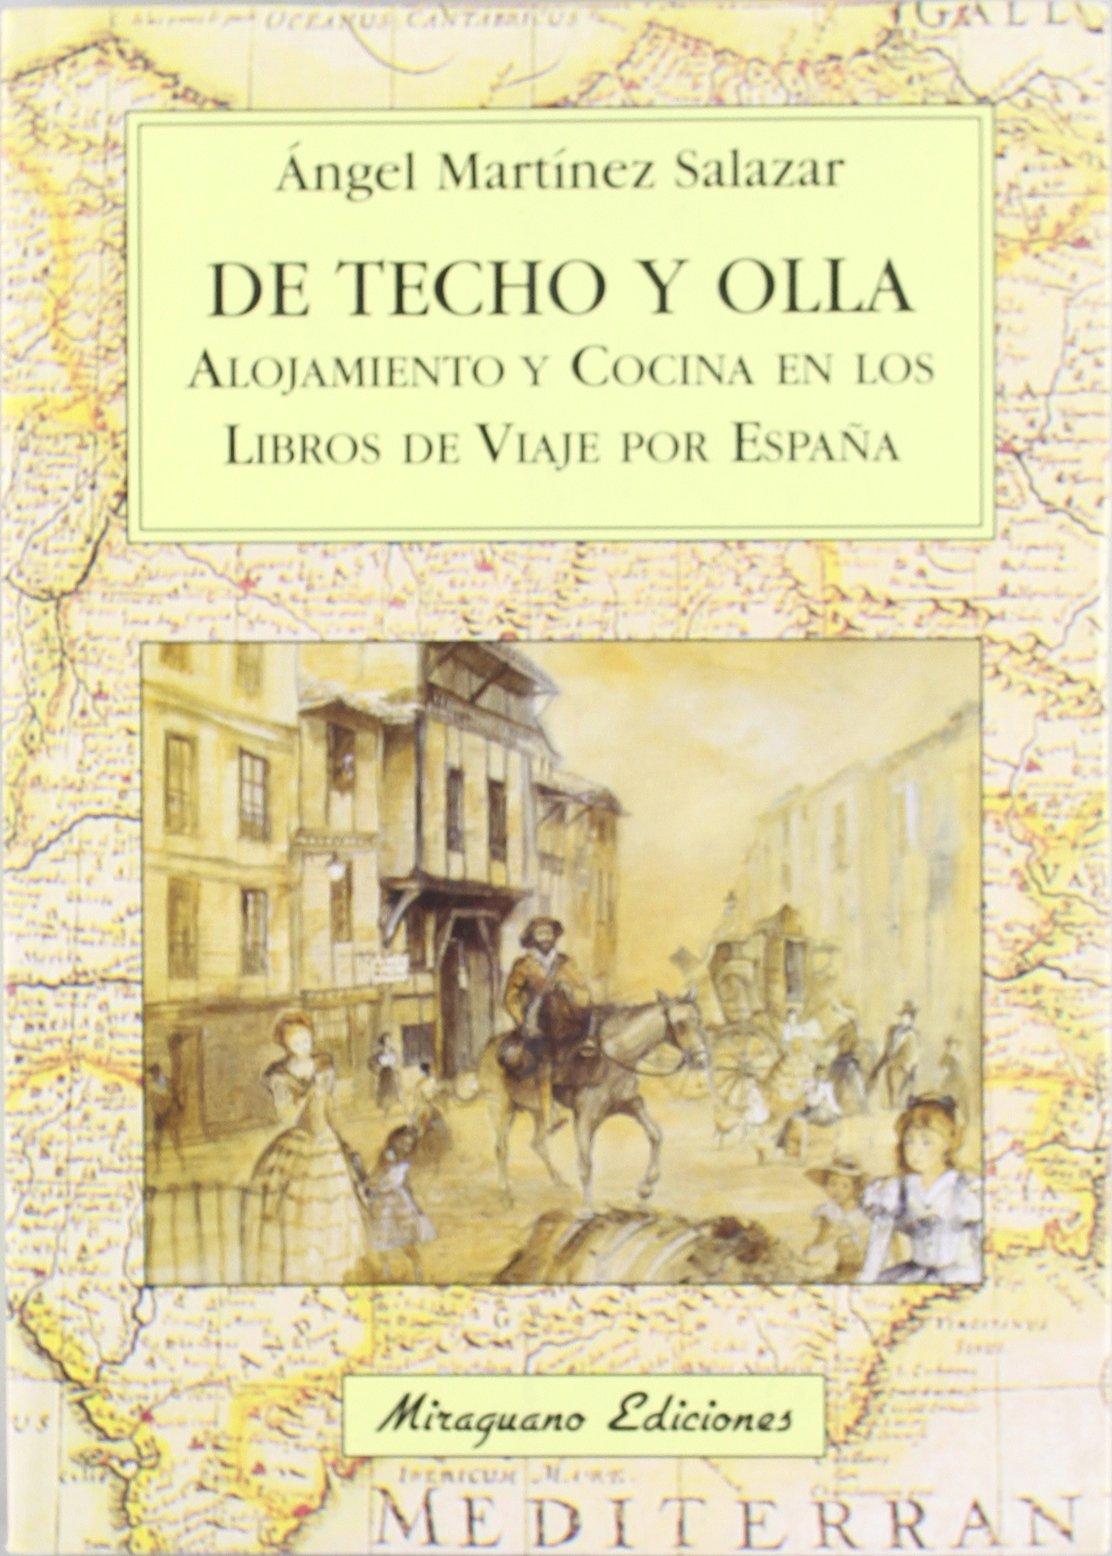 De Techo y Olla. Alojamiento y cocina en los libros de viaje por España Viajes y Costumbres: Amazon.es: Martínez Salazar, Ángel: Libros